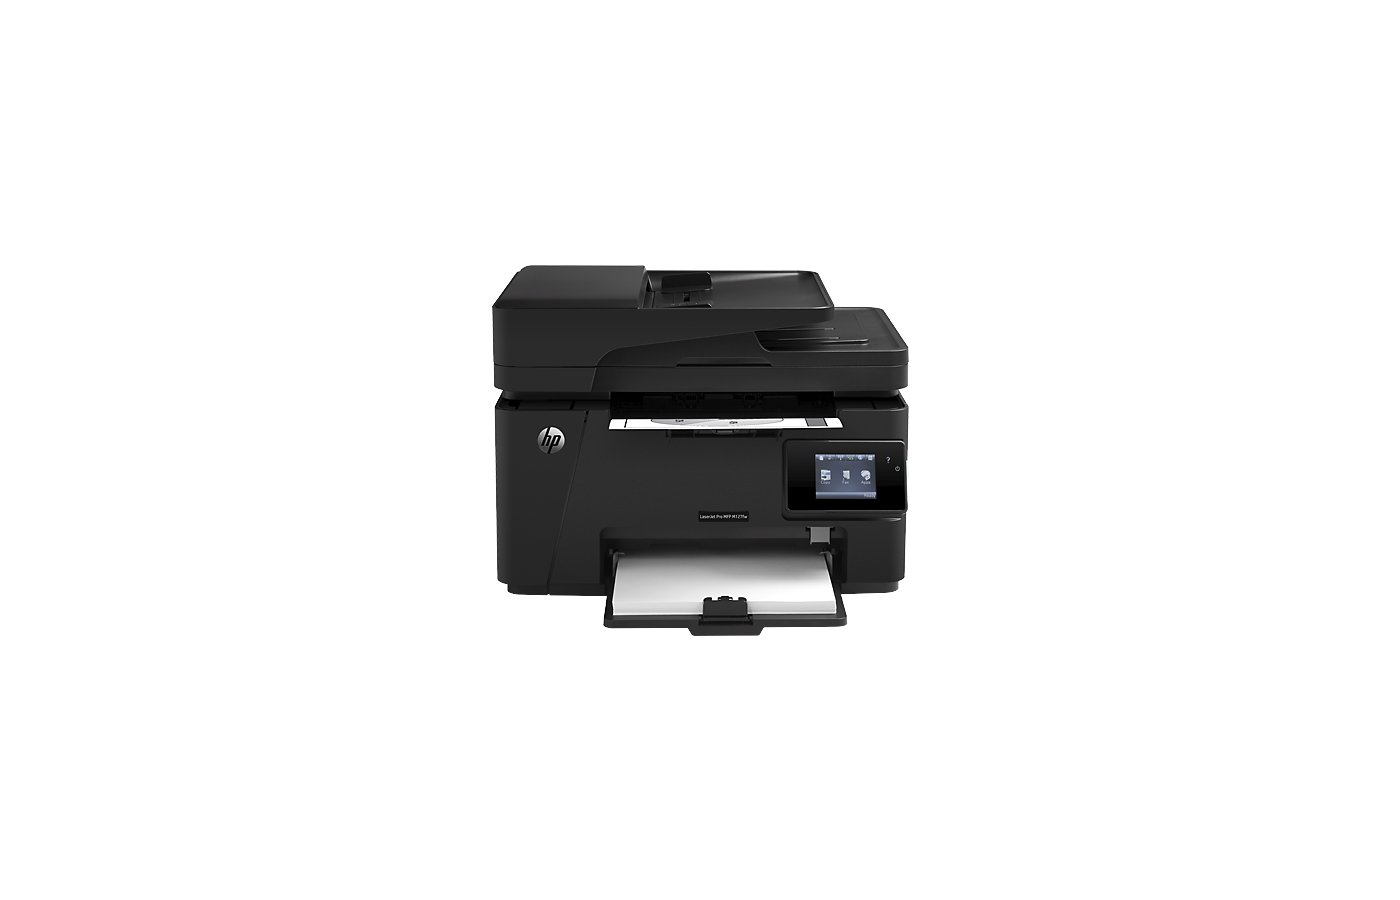 МФУ HP LaserJet Pro M127fw WiFi